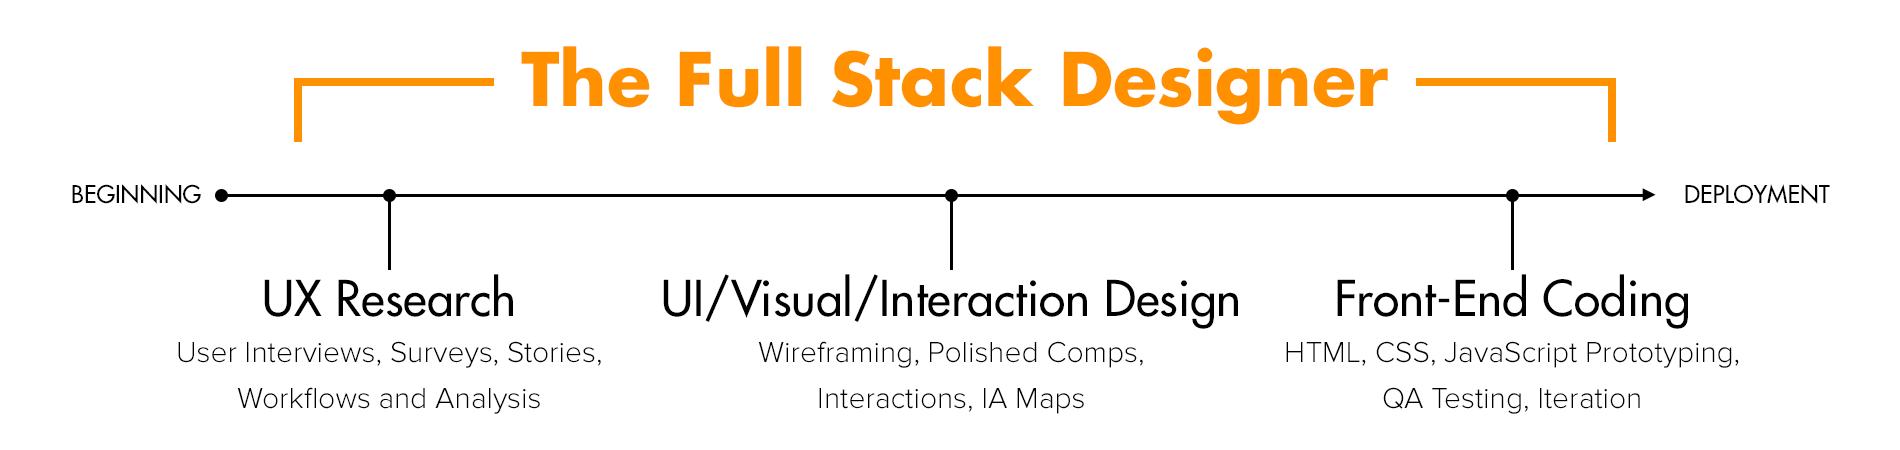 full_stack_diagram.png